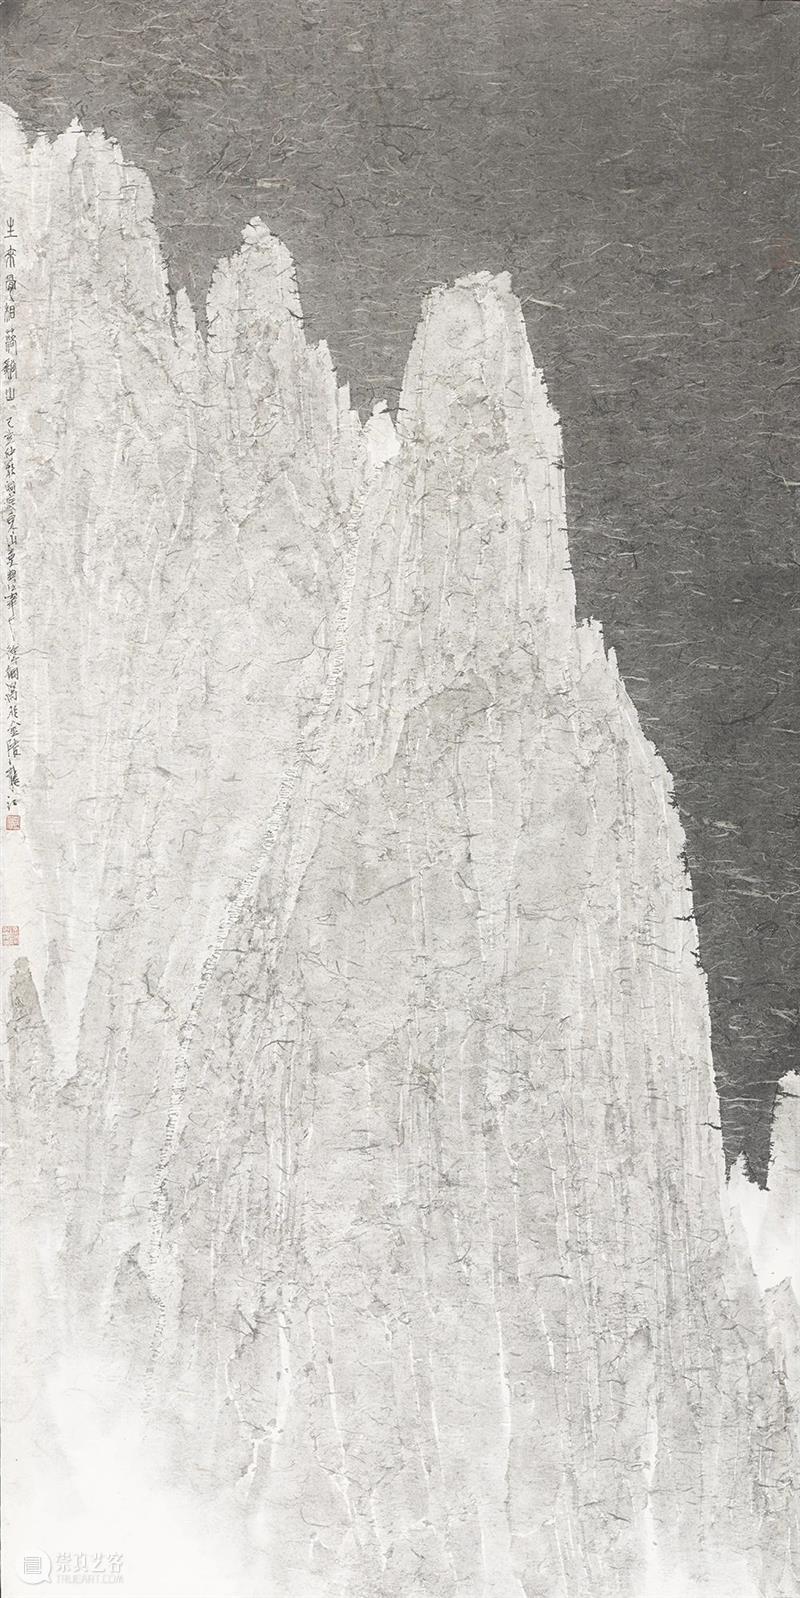 艺博会 | 芊荷艺术空间参展艺术深圳2021 | 展位C03 艺术 深圳 空间 芊荷 艺博会 展位 芊荷艺术展位号C03Art Shenzhen 艺术家 郑文 崇真艺客